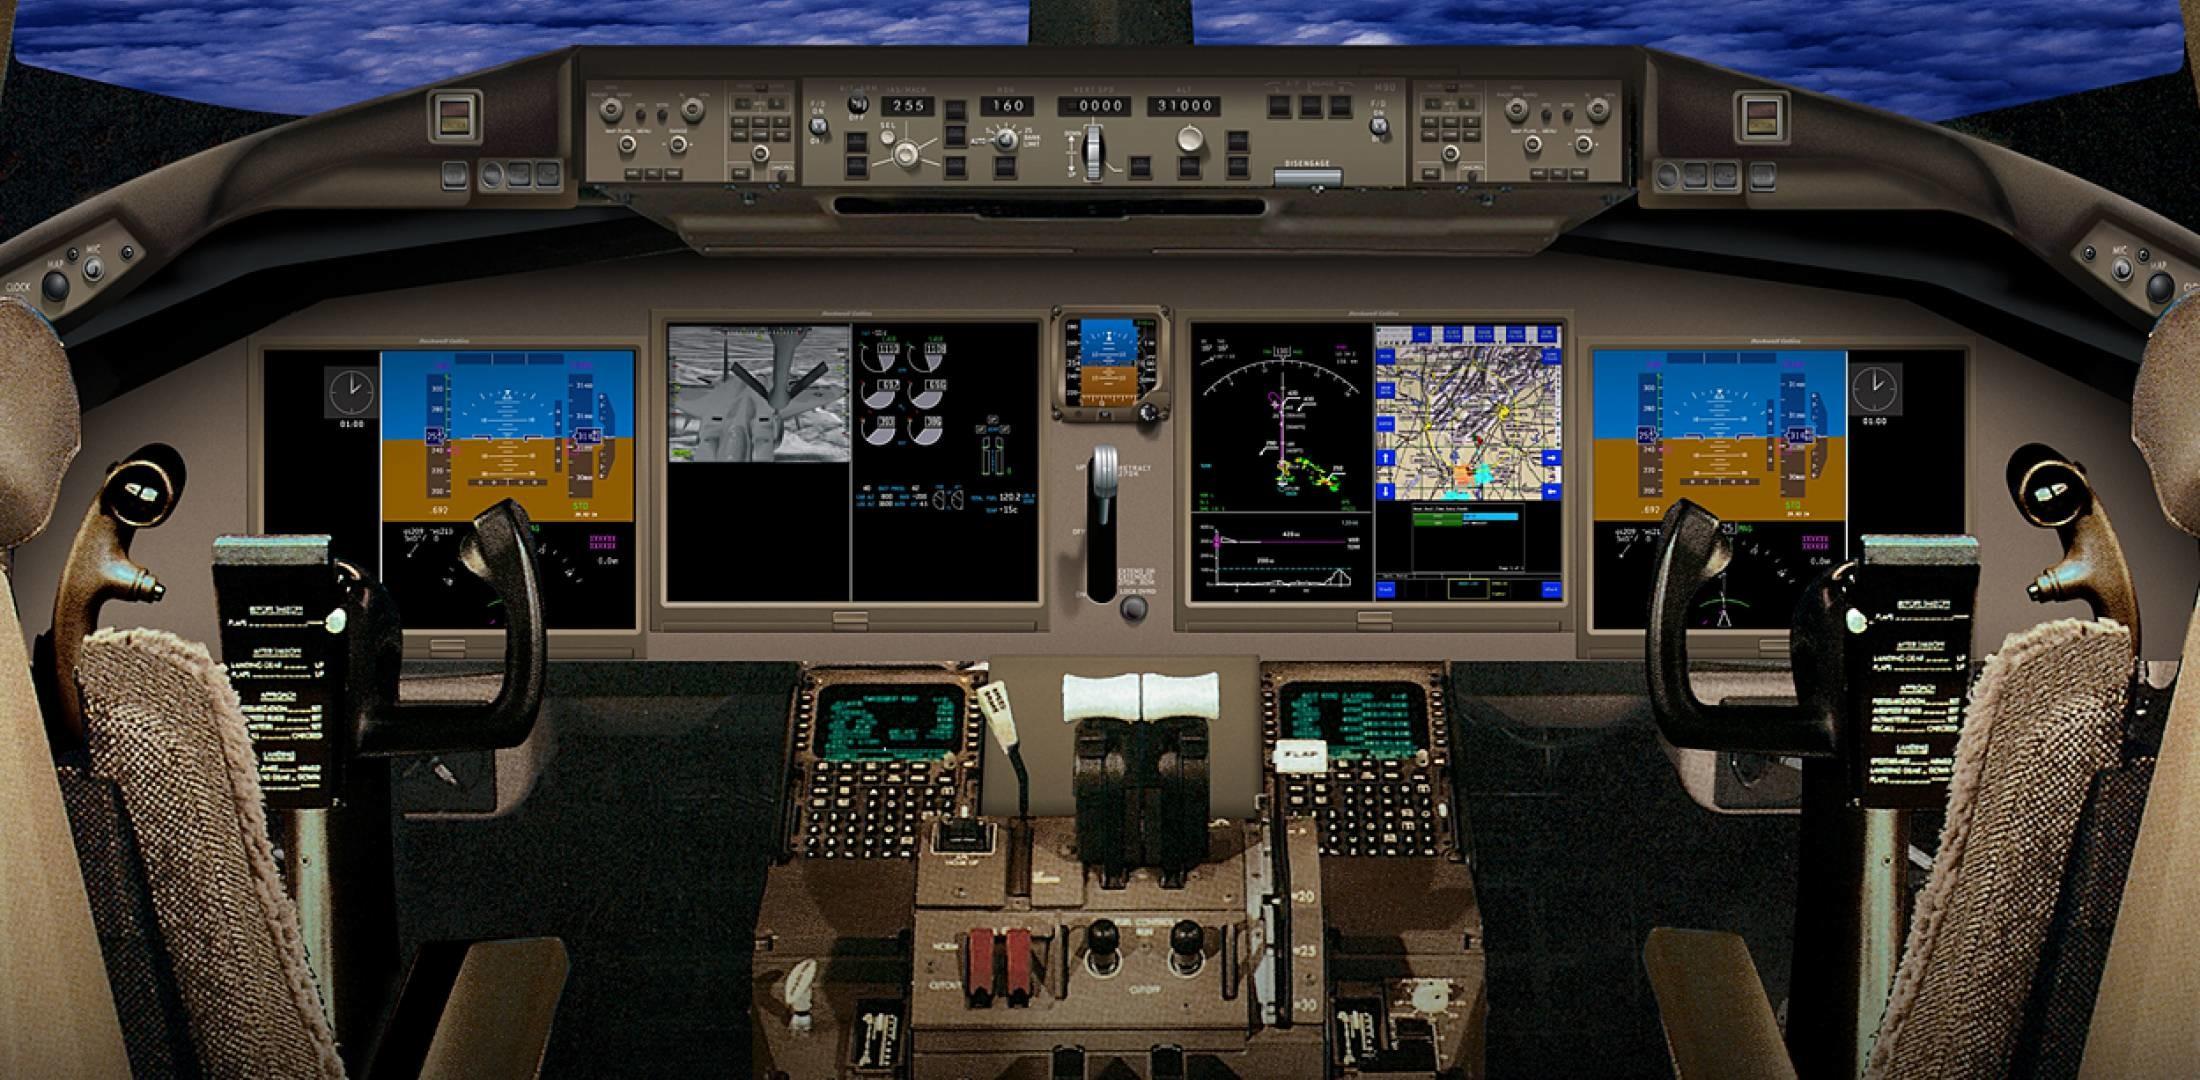 Barack In A Boeing 787 Cockpit Jpg Wikimedia Mons